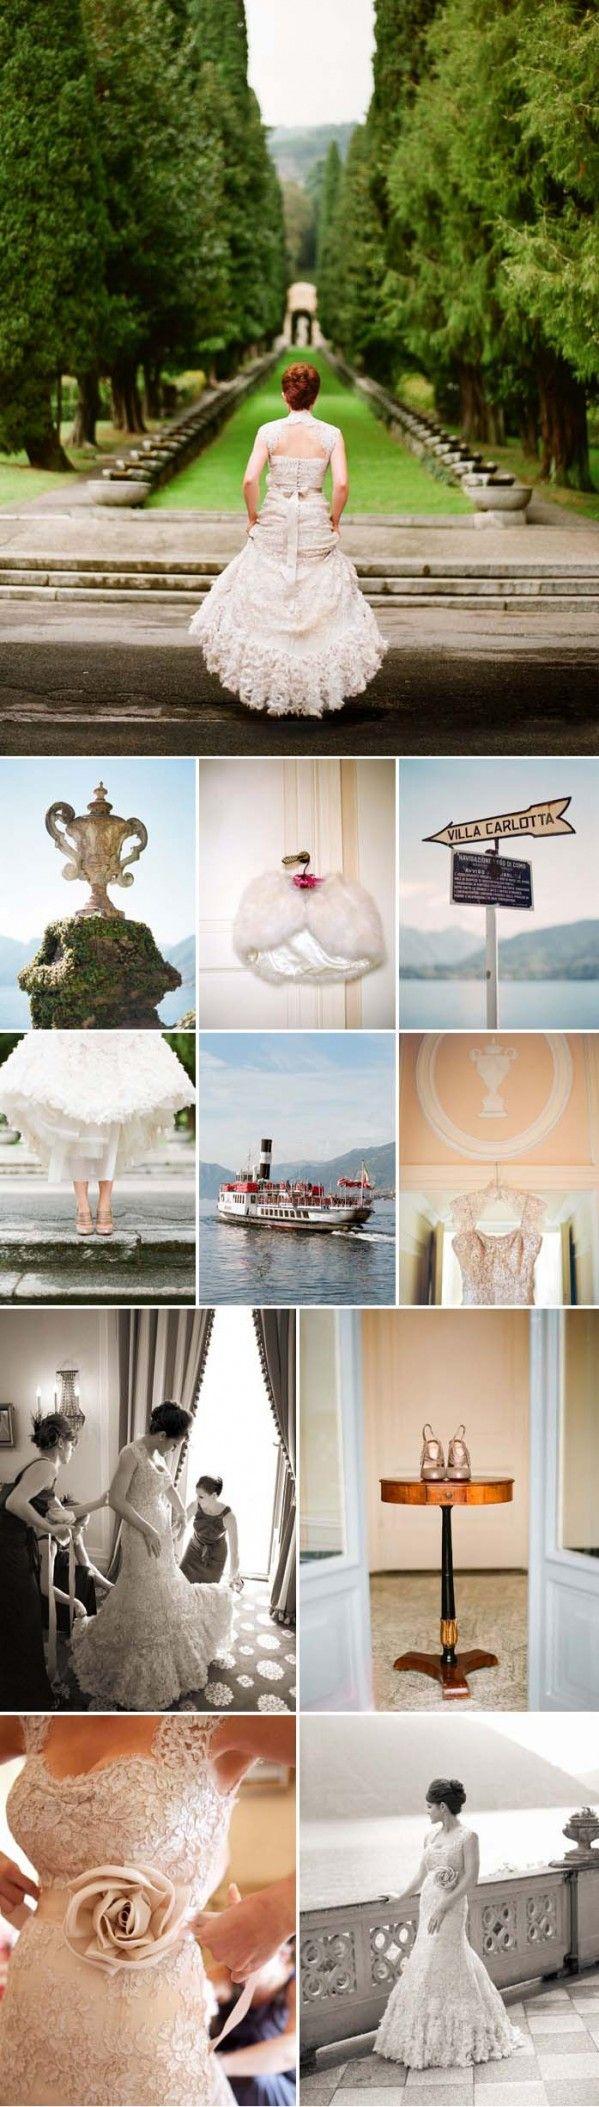 Lake Como, Italy – An extraordinairy destination wedding